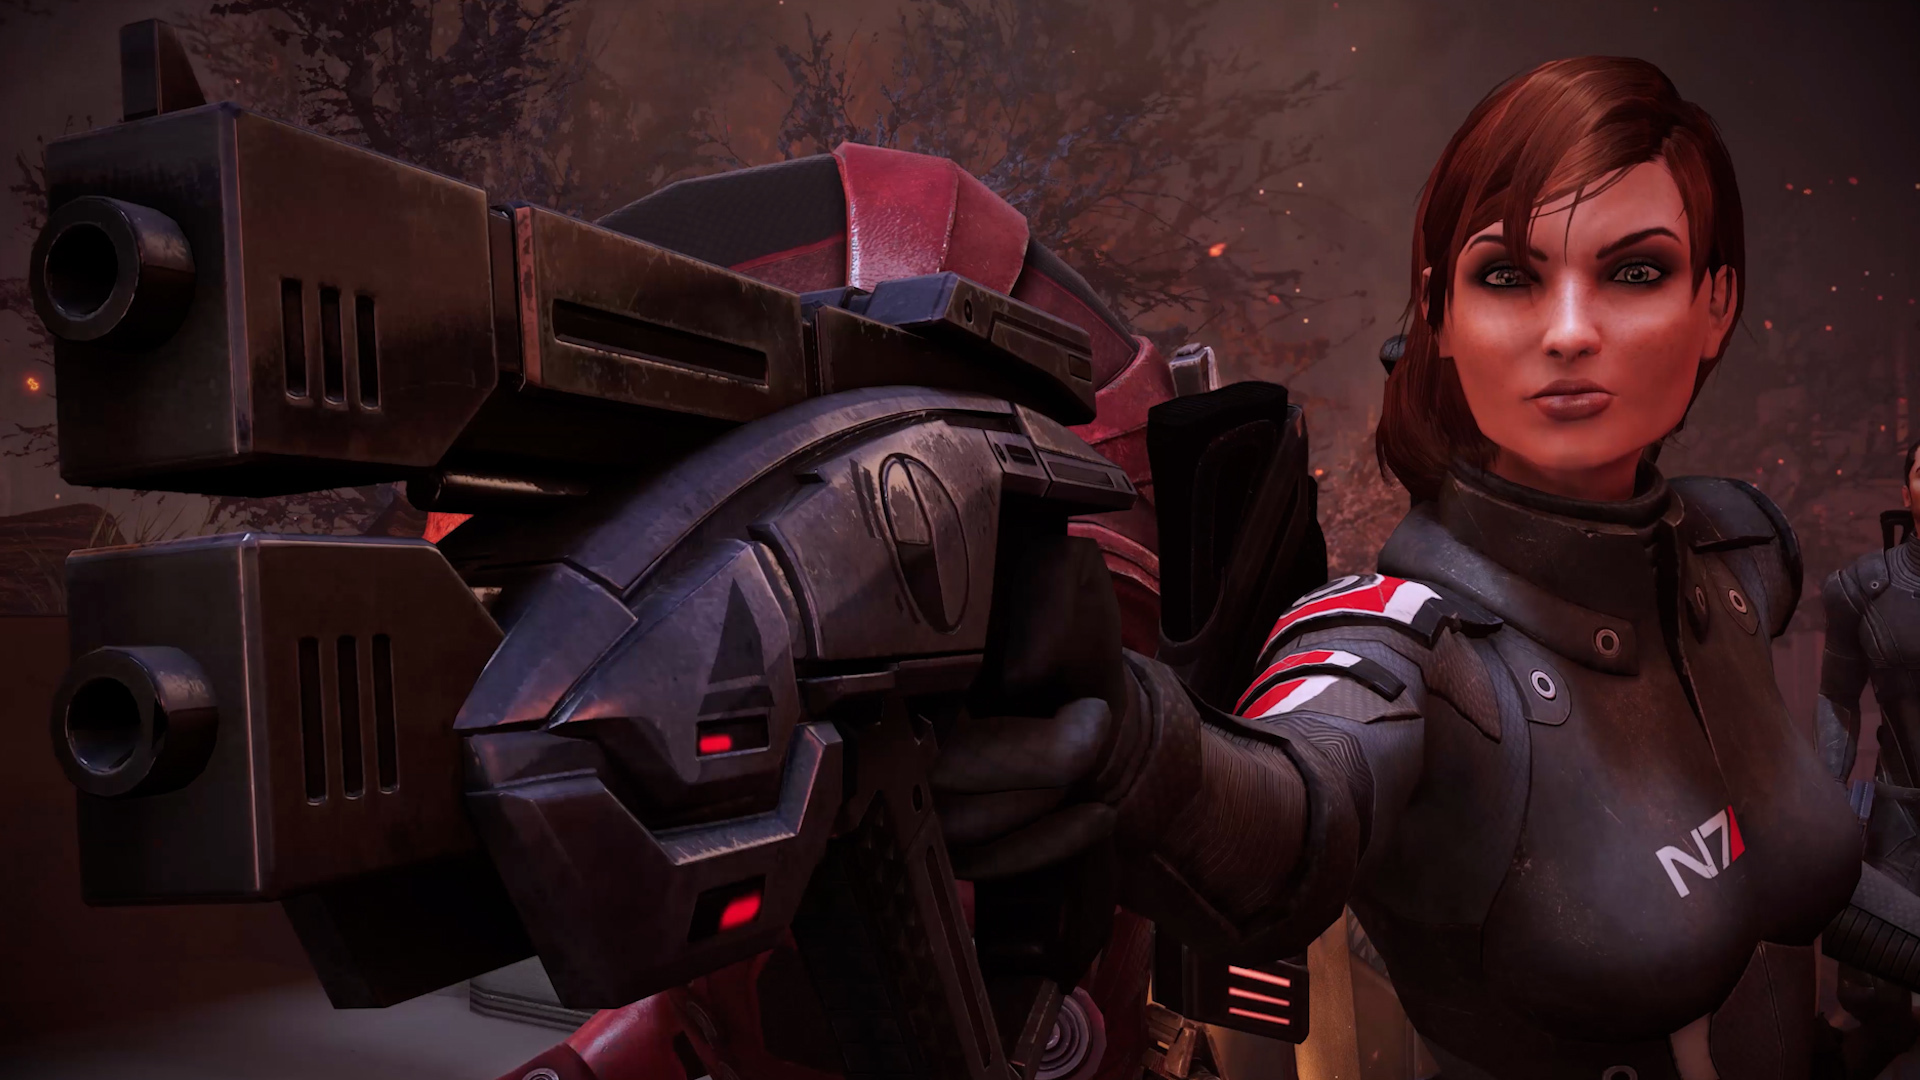 mise à jour 1.02 de Mass Effect Legendary Edition